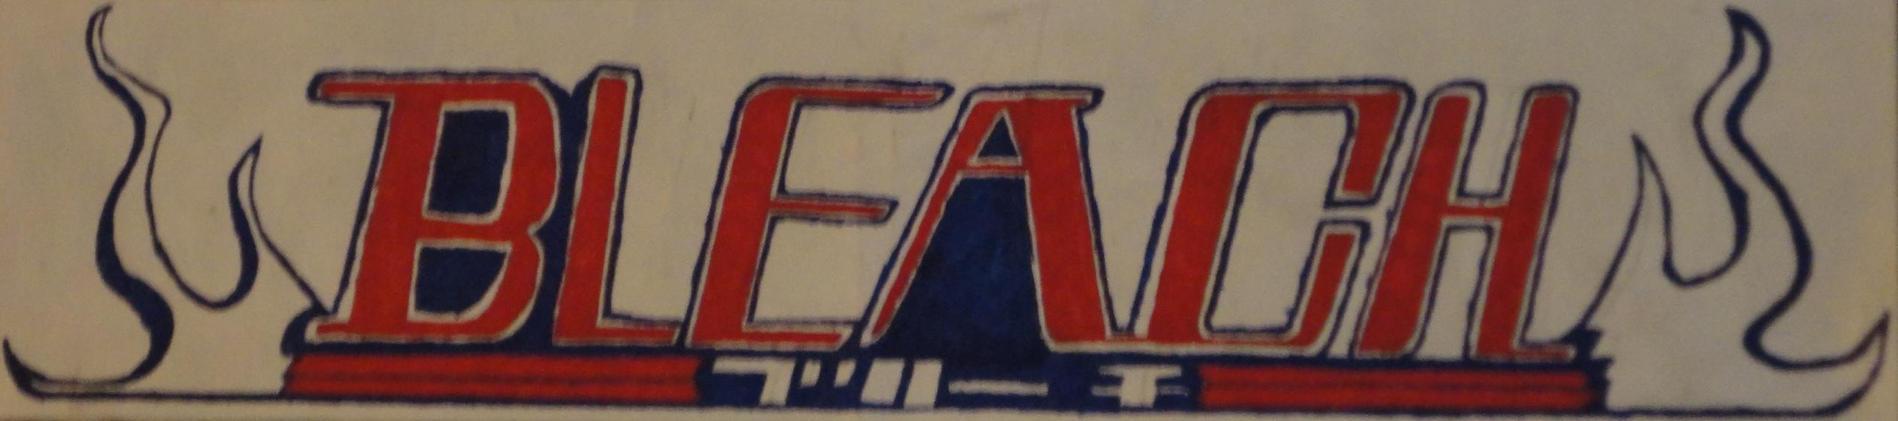 bleach logo by DEATHJRisunloveable